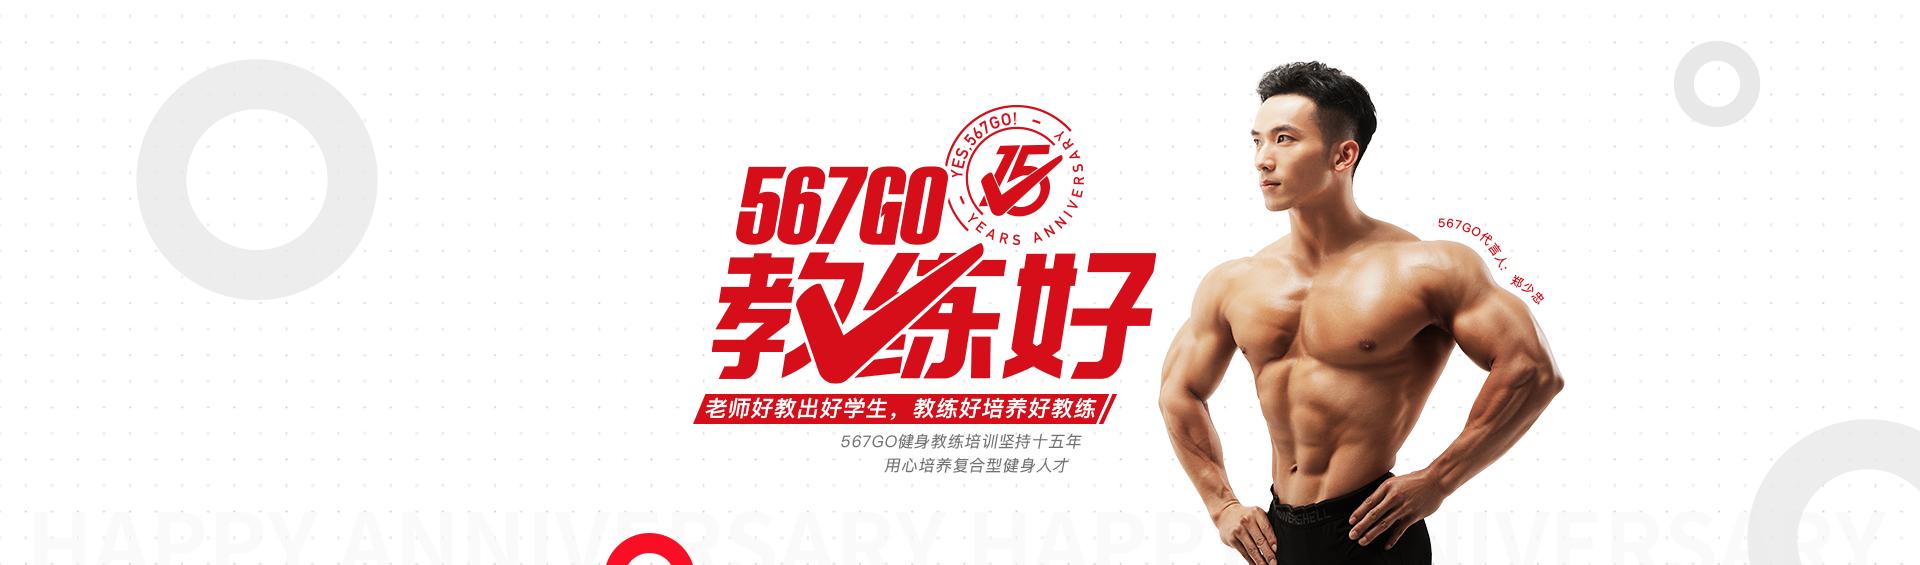 杭州567GO健身学院 横幅广告